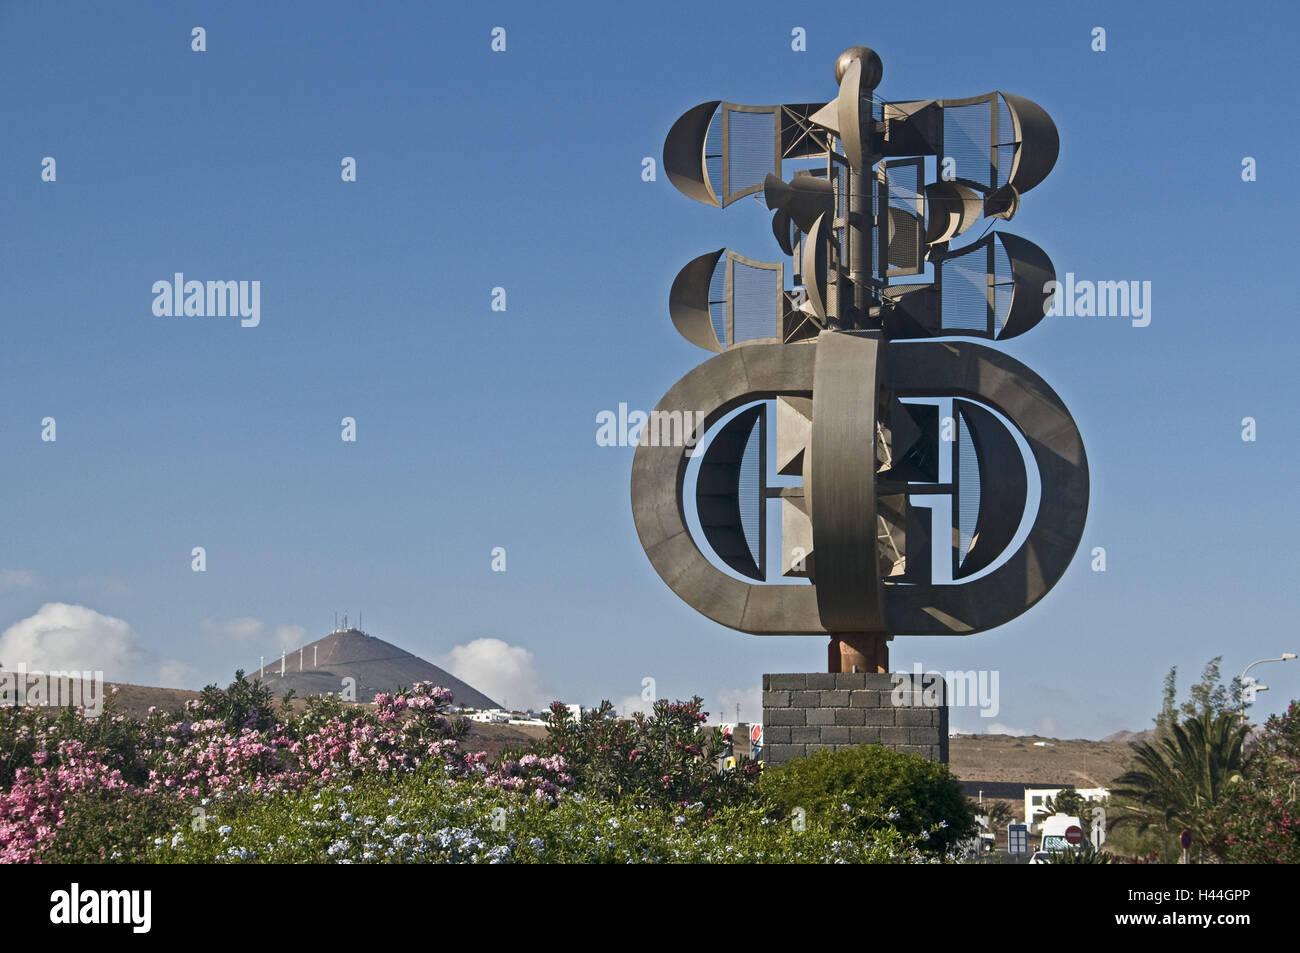 Kanarische, Inseln, Lanzarote, Arrecife, Flughafen, wind-Spiel, C. Manrique, Hauptstadt, Park, St. Kunst, Kunstobjekt, Stockbild